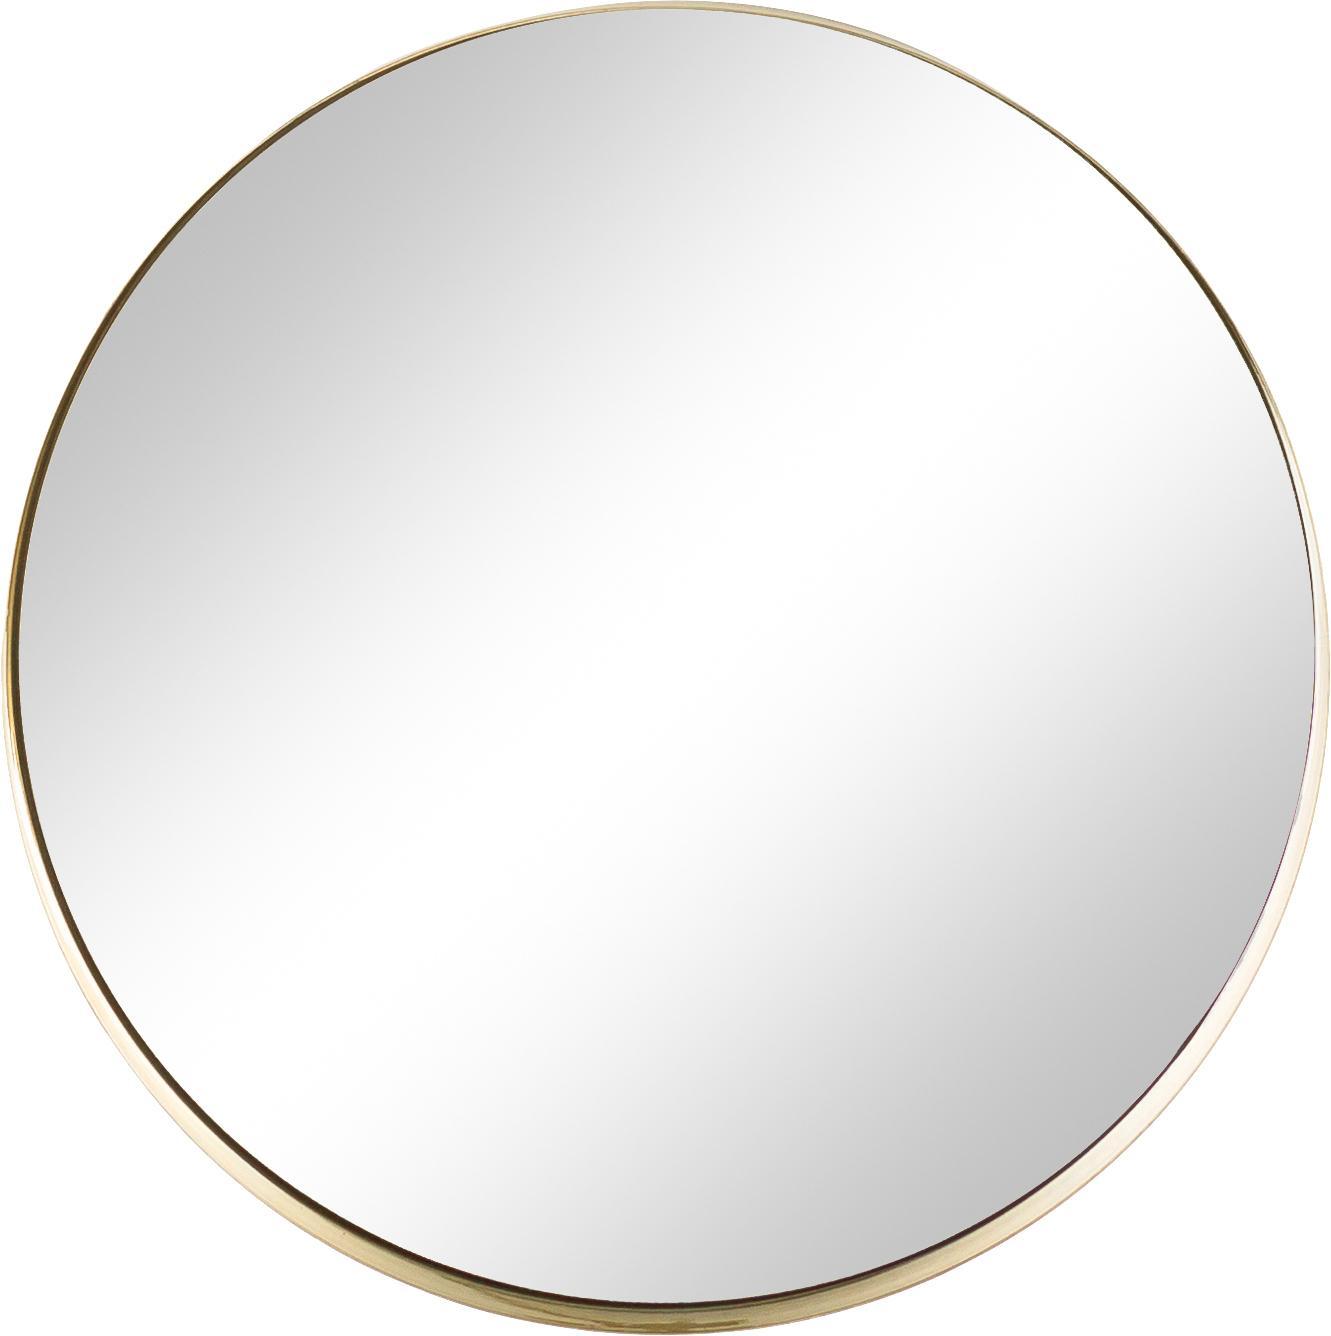 Runder Wandspiegel Metal mit Goldrahmen, Rahmen: Metall, lackiert mit gewo, Rahmen: Goldfarben<br>Spiegelglas, Ø 43 cm